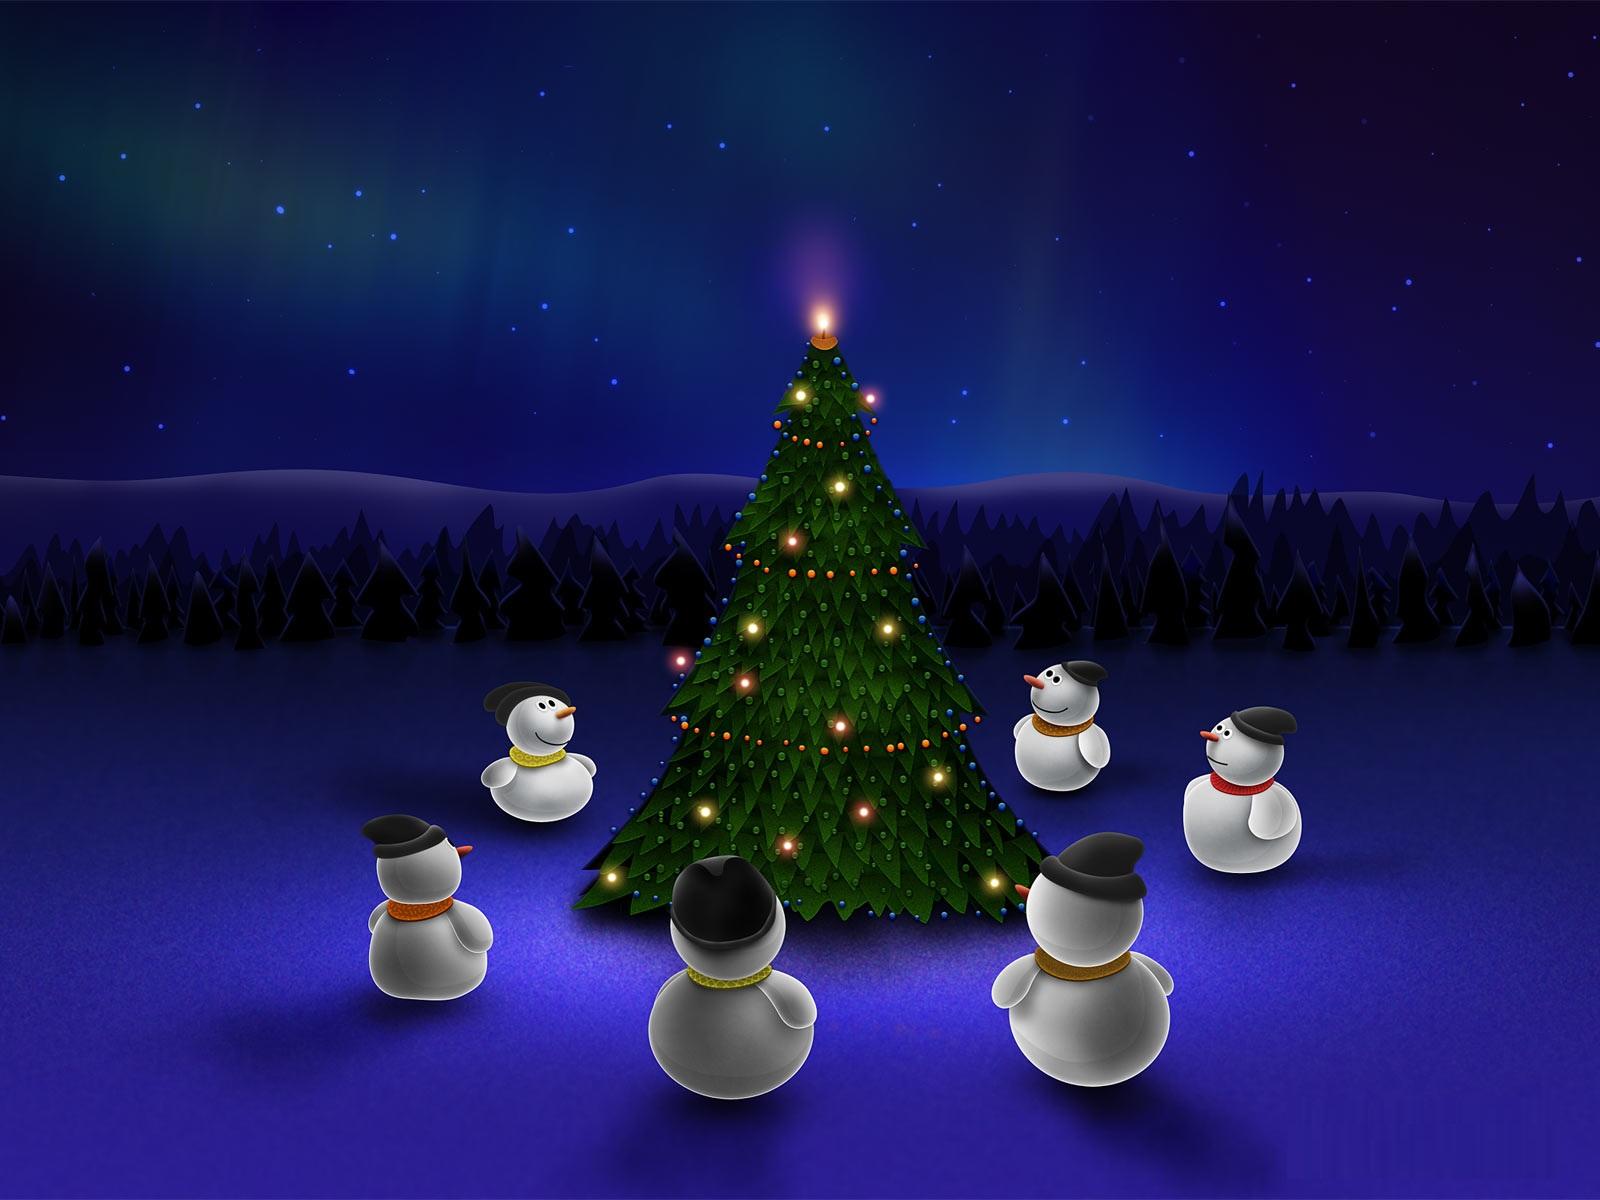 Wallpapers For Desktop Christmas Frozen 1600x1200